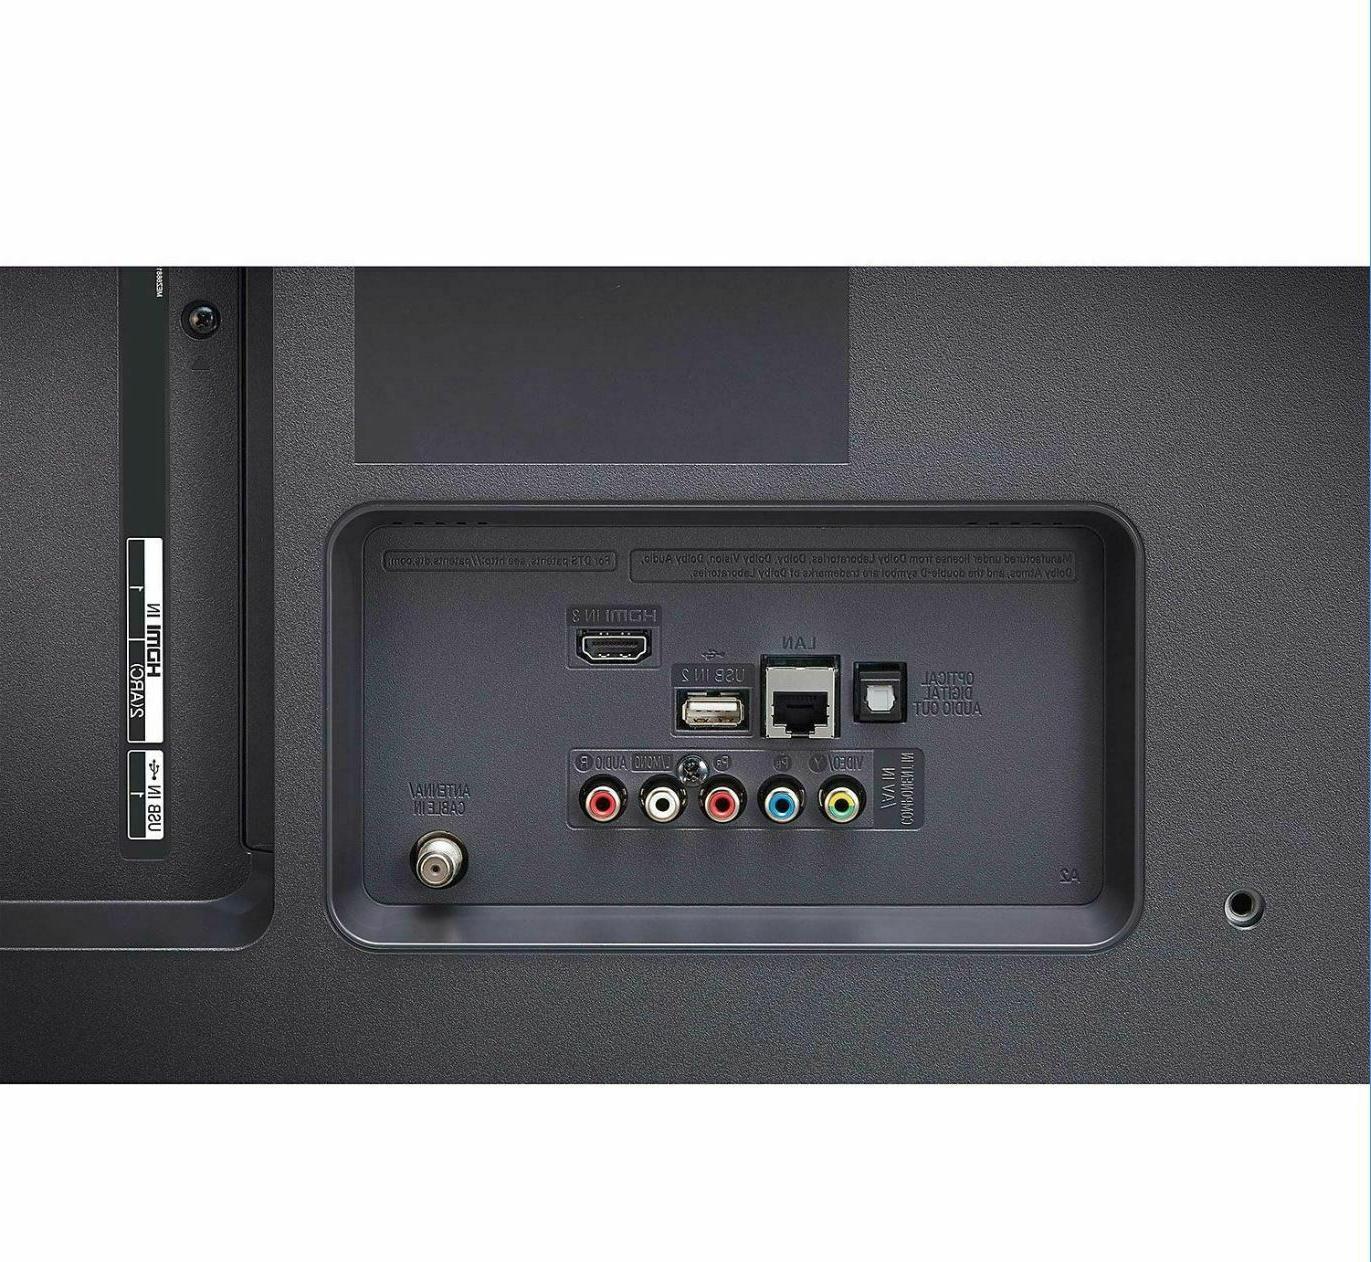 55 Inch Ultra LG 7300 ThinQ 55UM7300AUE